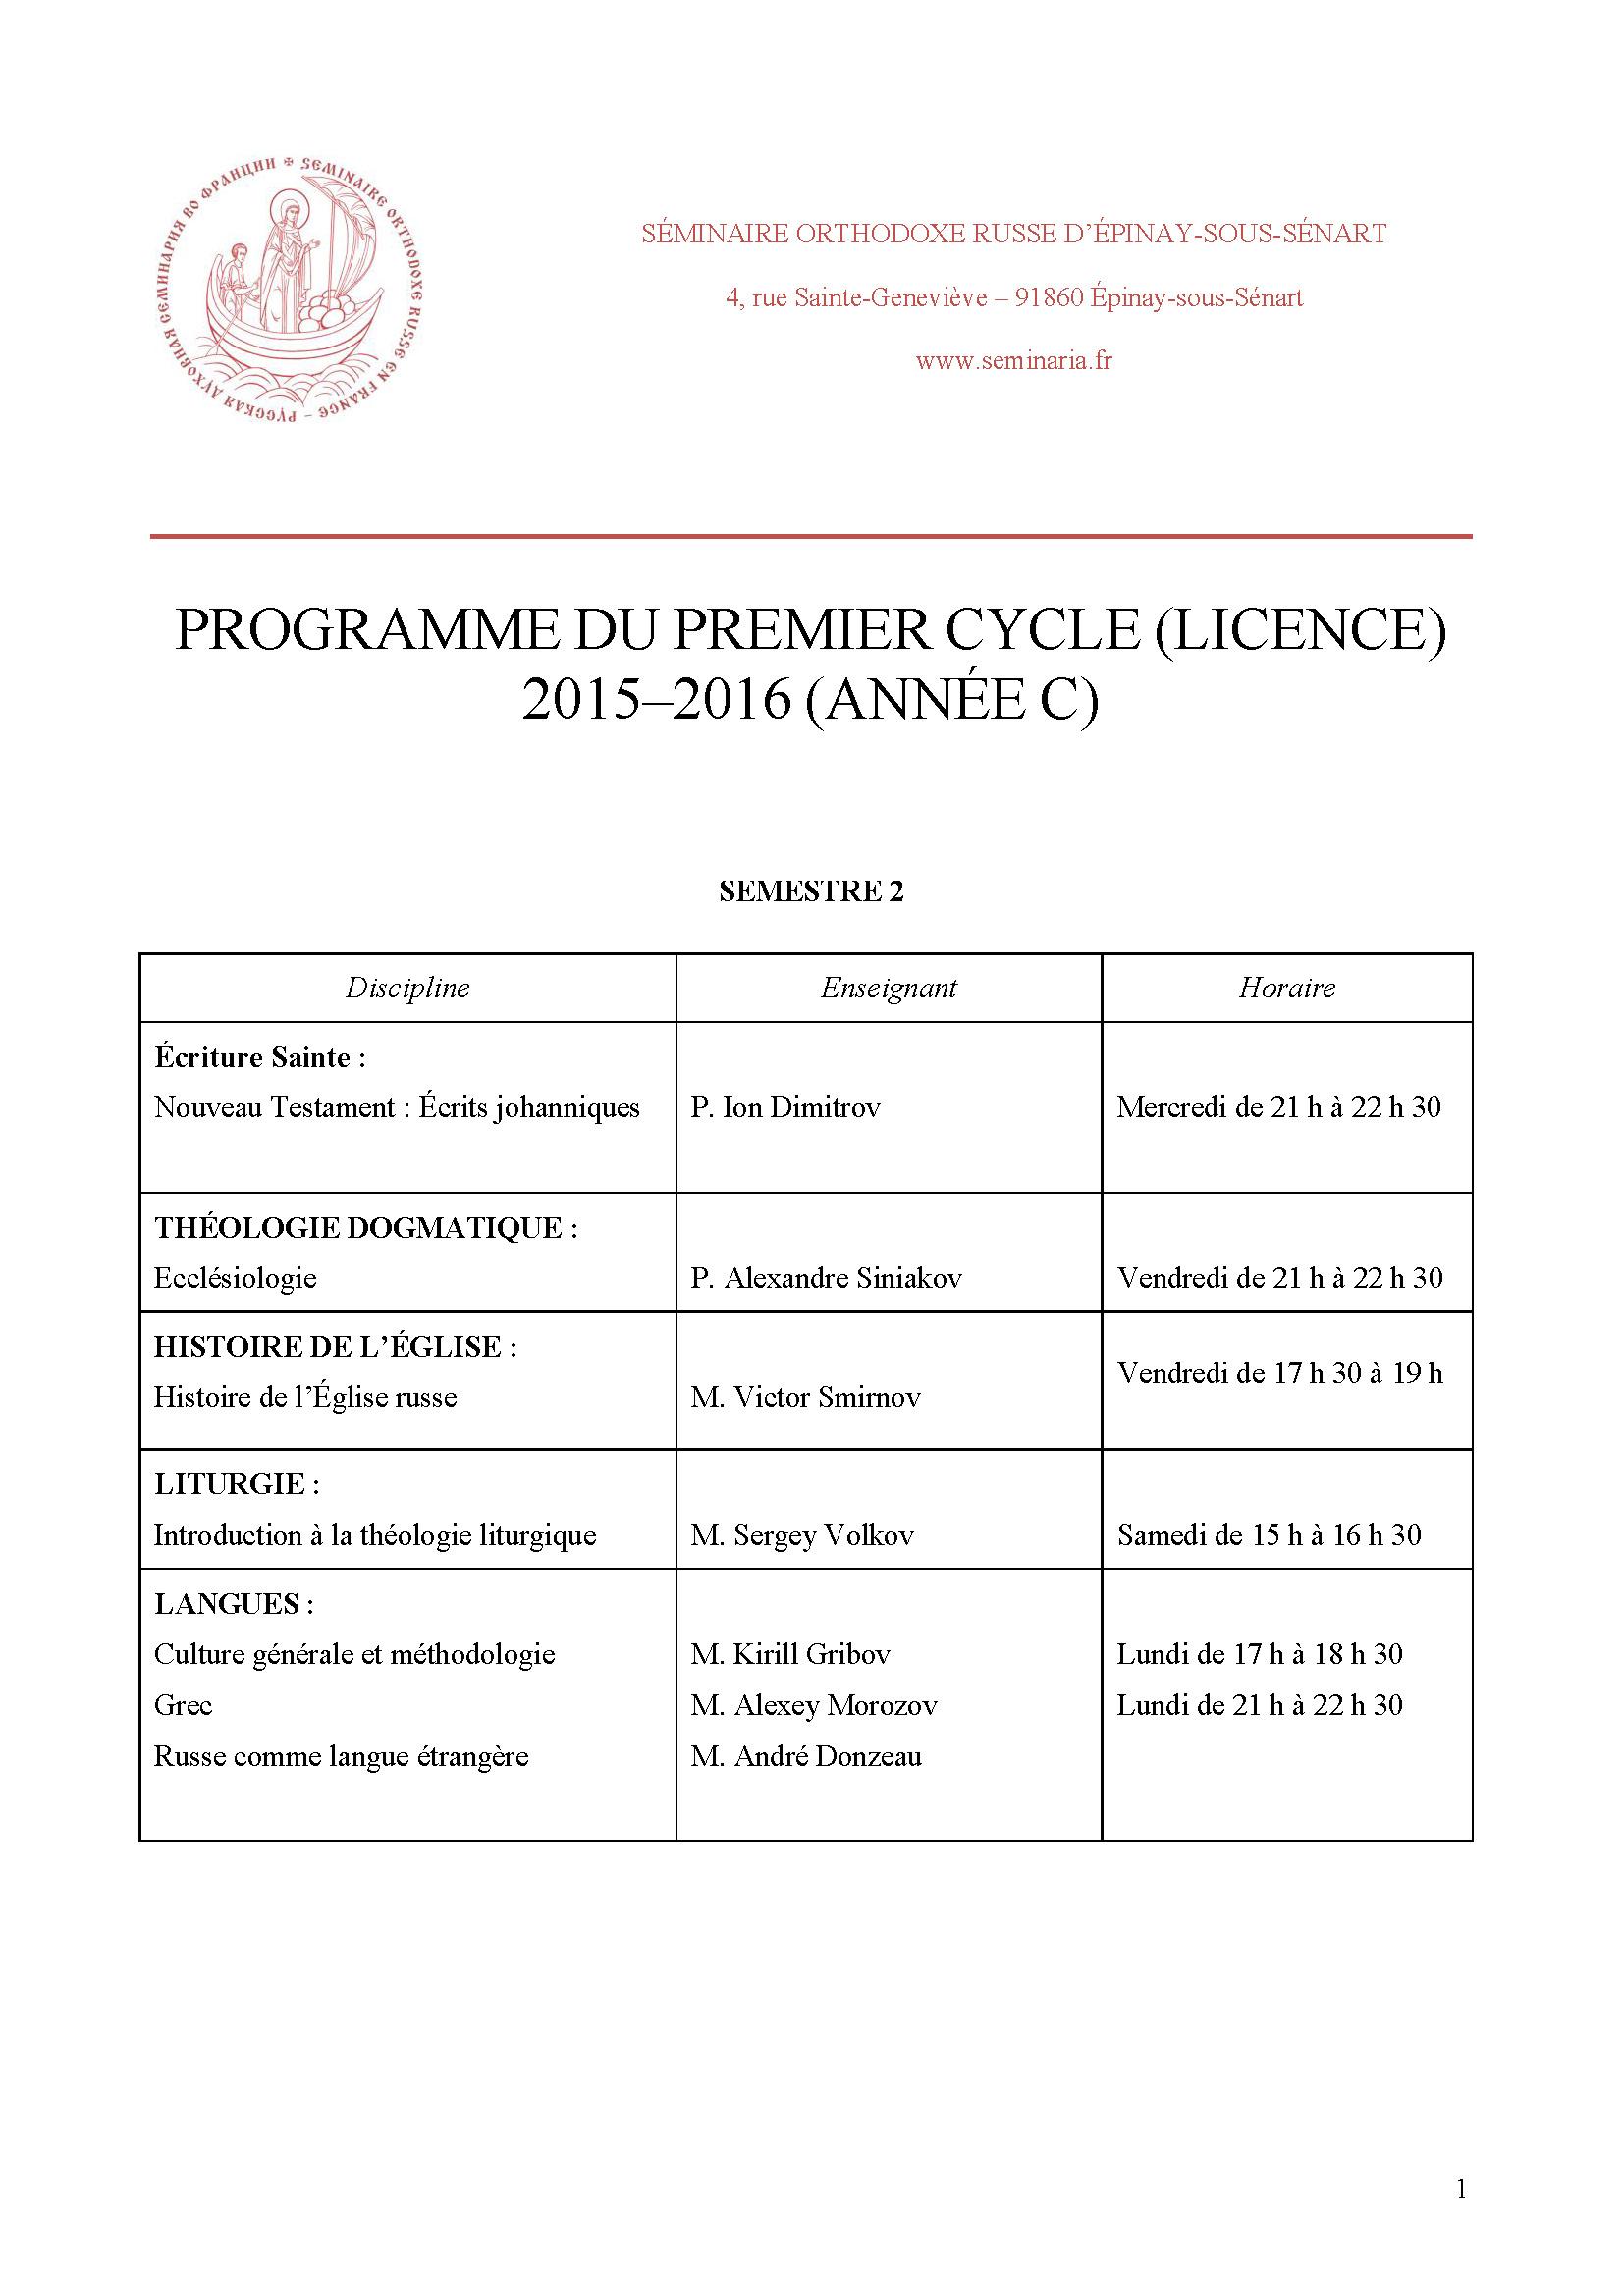 Programme du premier cycle (licence) 2015–2016 (Année C, semestre 2)